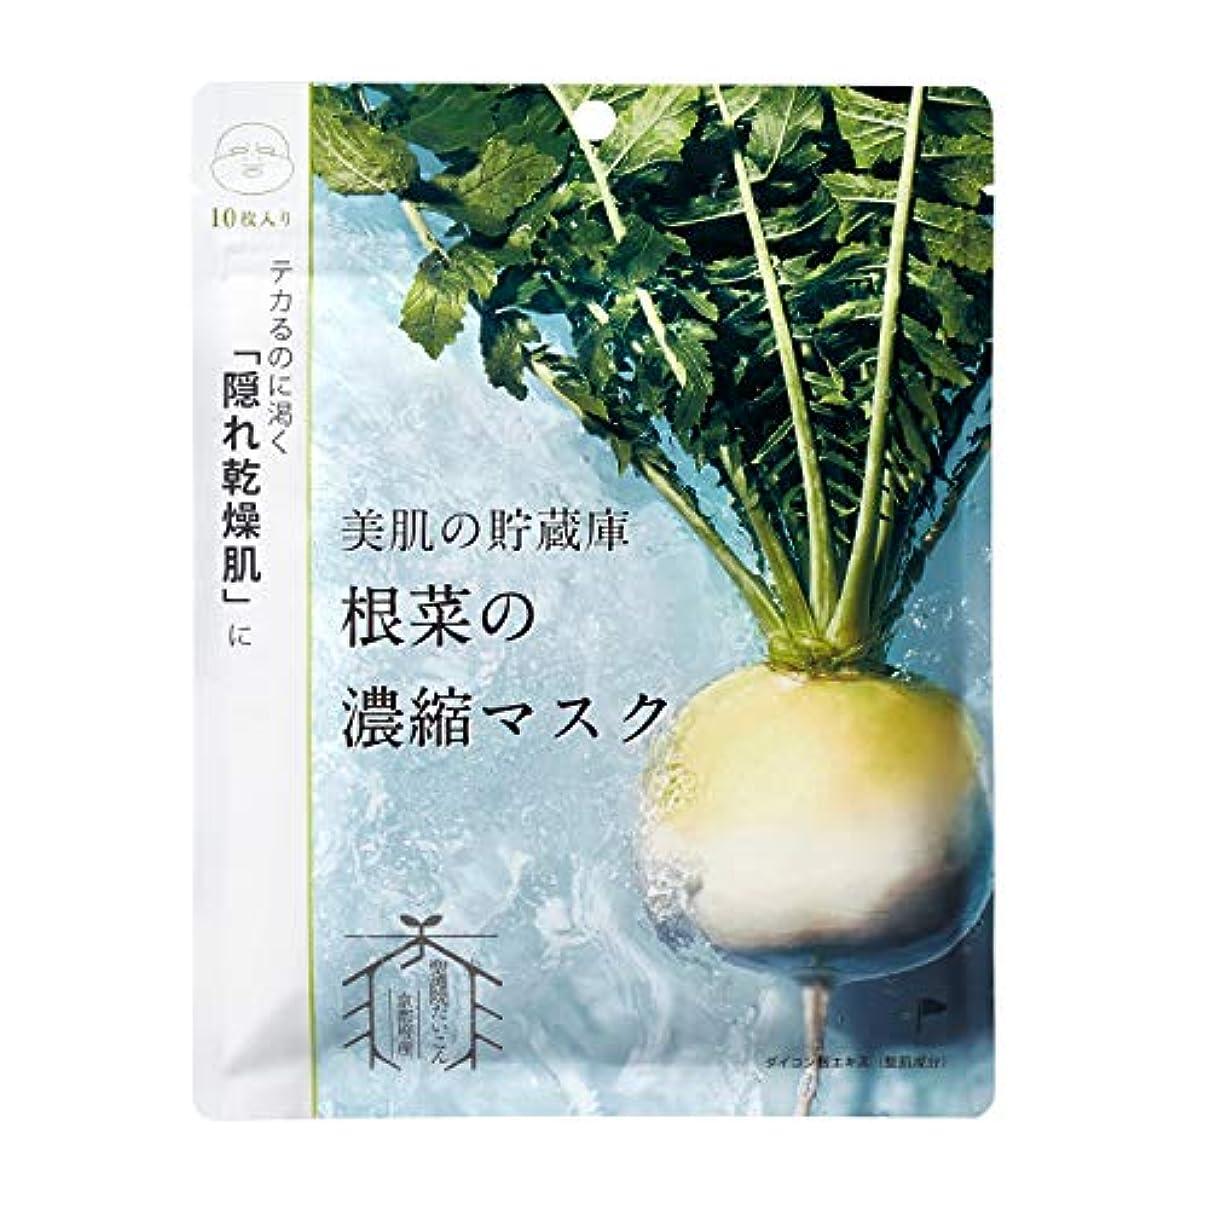 ソブリケット決定する快適@cosme nippon 美肌の貯蔵庫 根菜の濃縮マスク 聖護院だいこん 10枚入 148ml